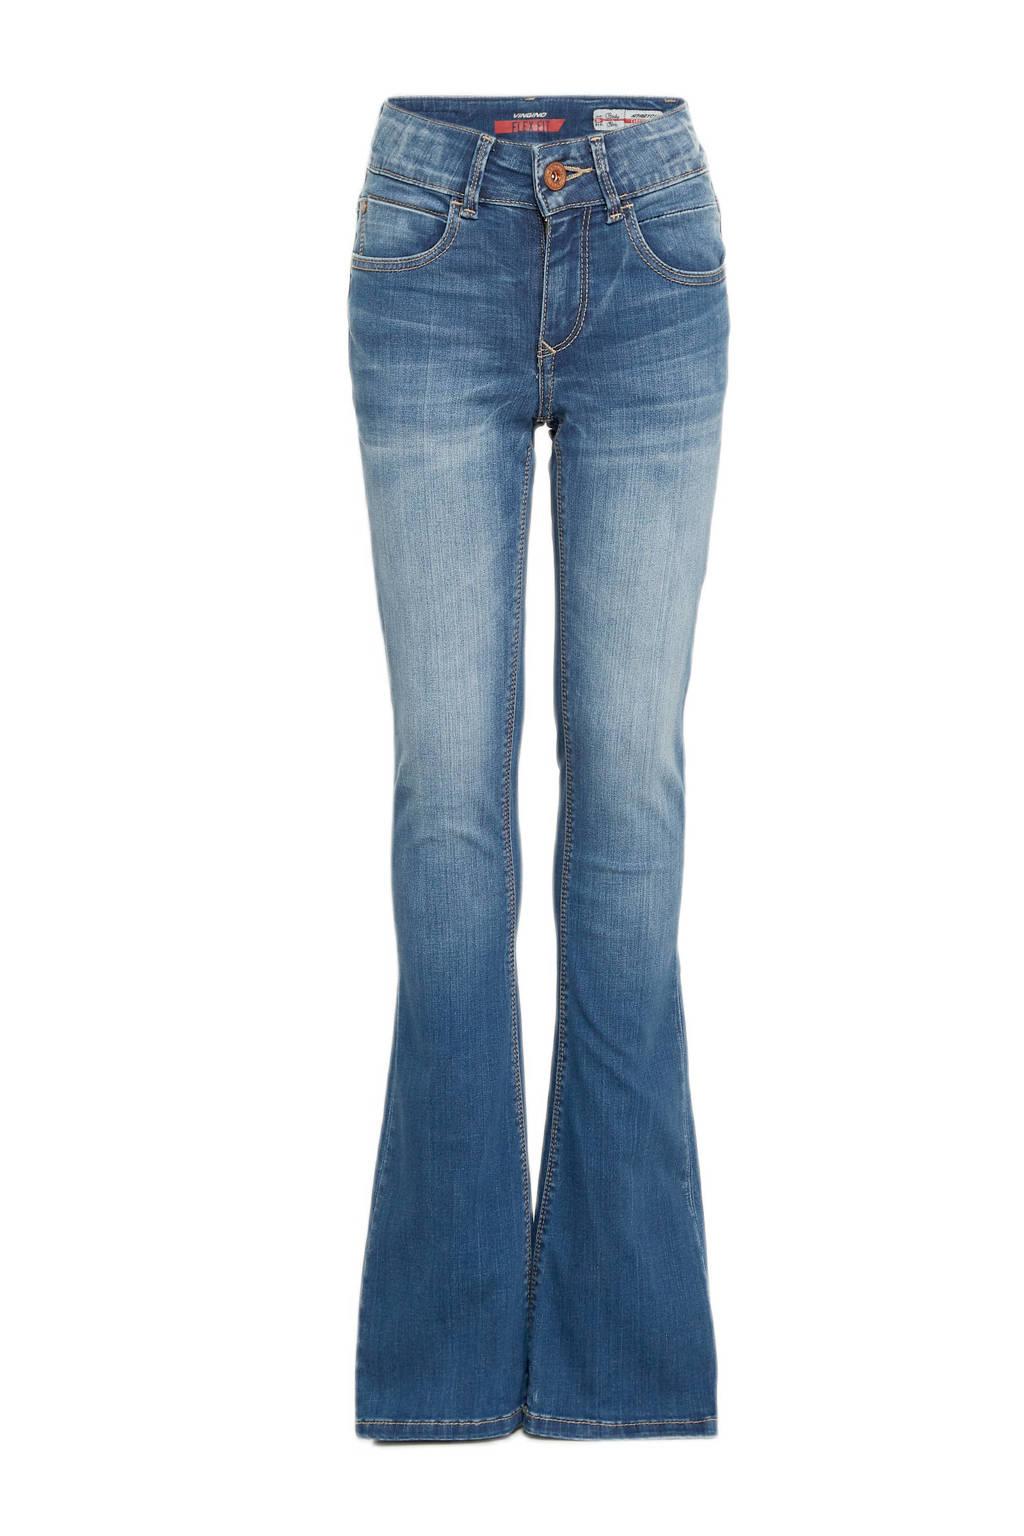 Vingino flared jeans Becky old vintage, Old vintage